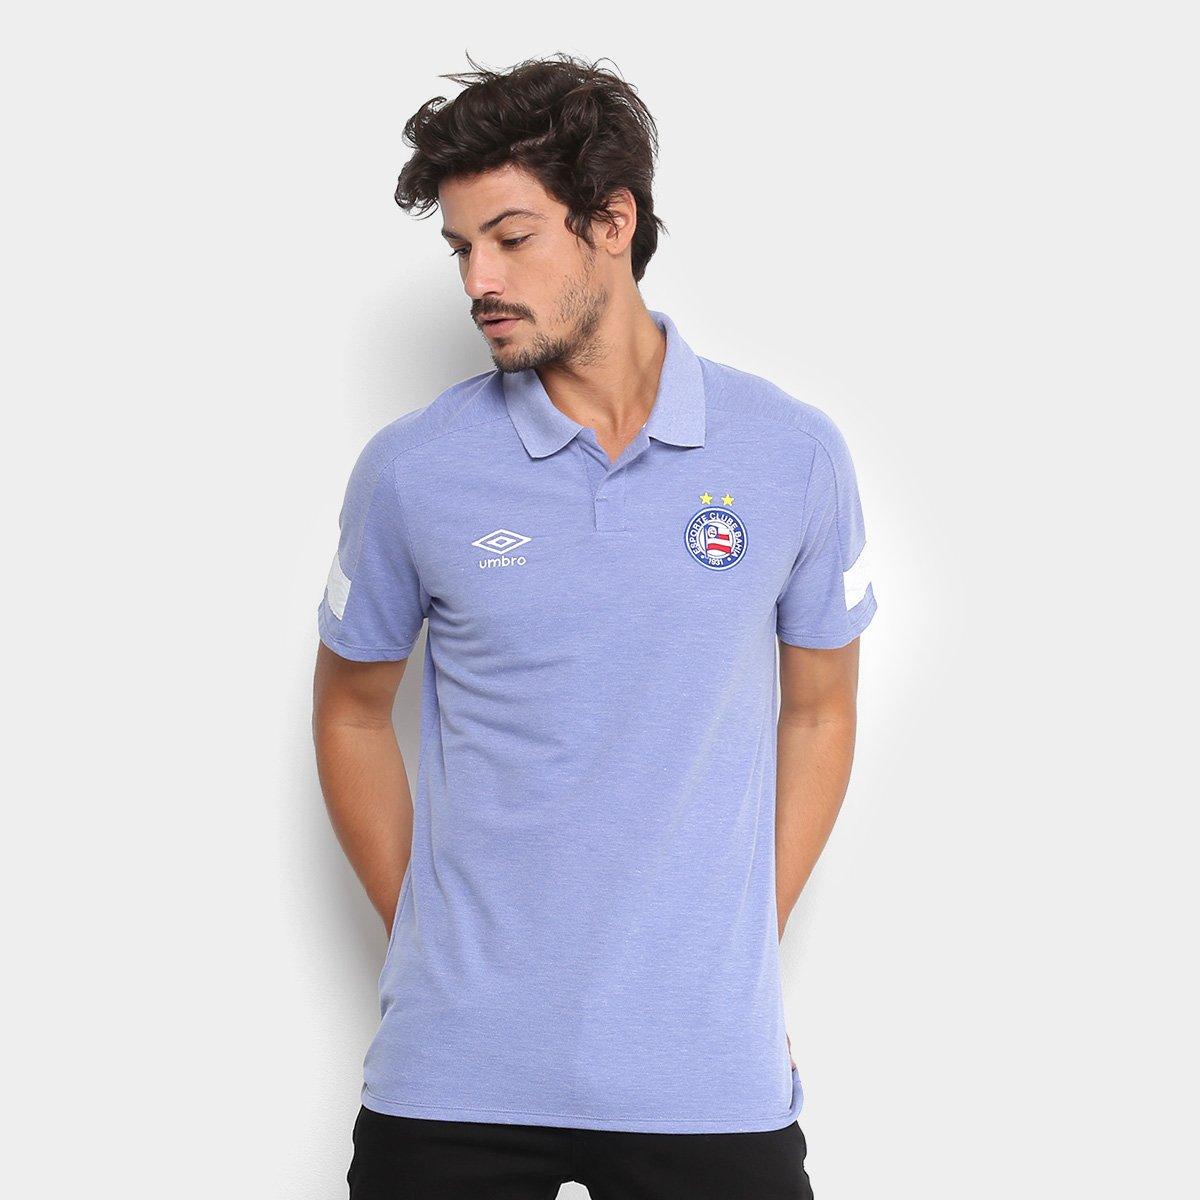 813737291c497 Camisa Polo Bahia Umbro Viagem 18 Masculina - Azul - Compre Agora ...